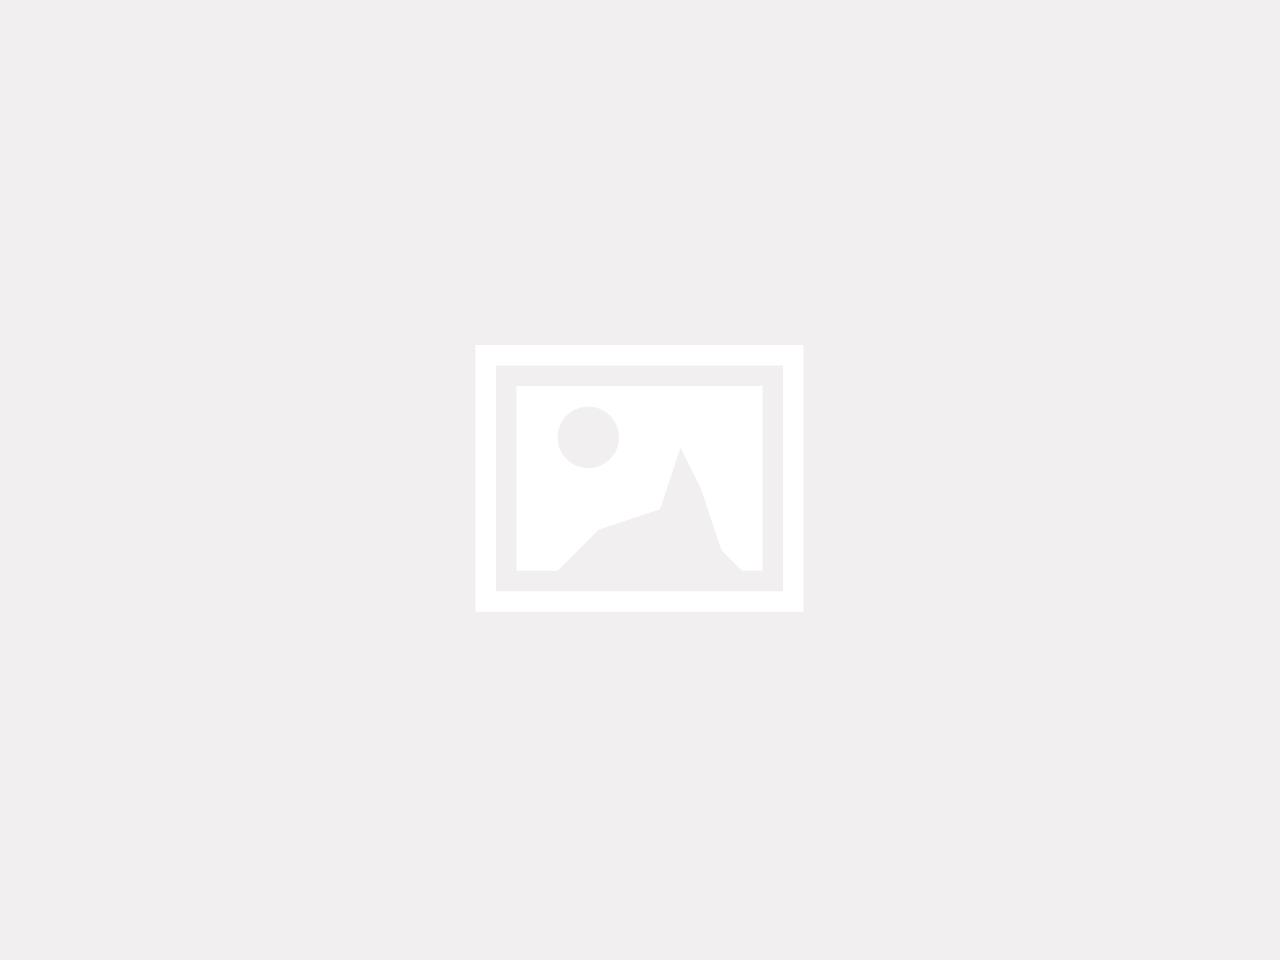 alexandr-podvalny-221893-unsplash